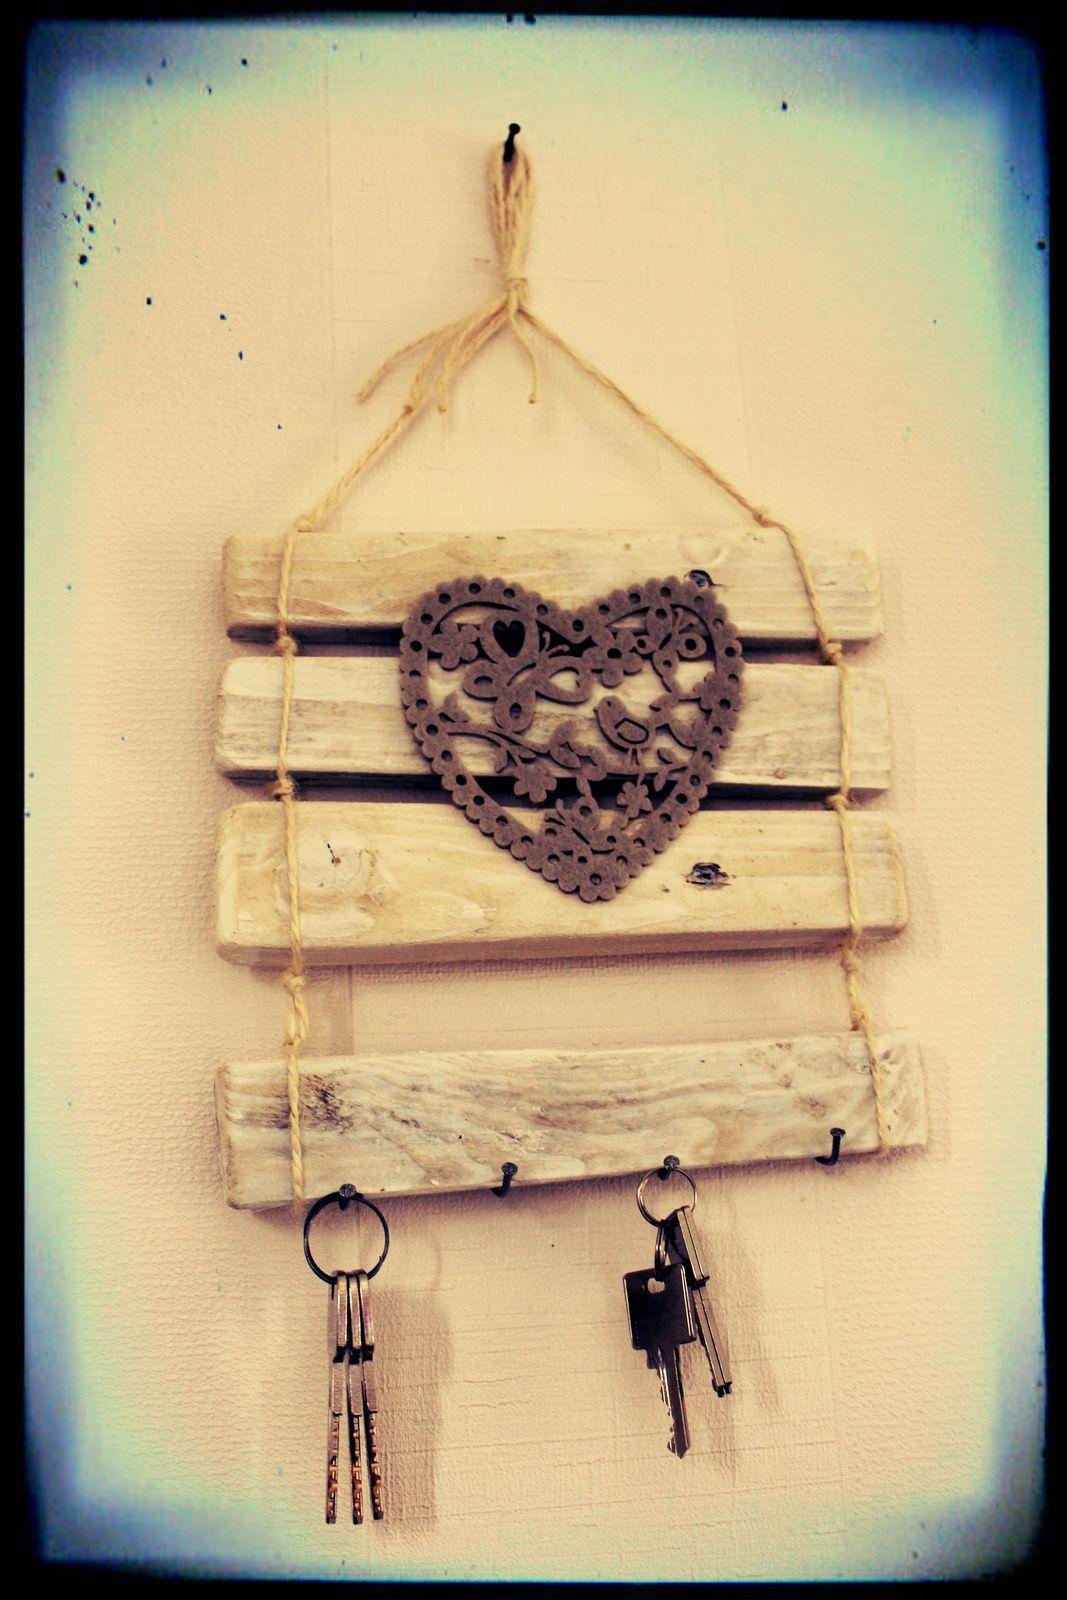 http://luniversdegarfield59.over-blog.com porte clés clefs palette bois déco coeur recyclage